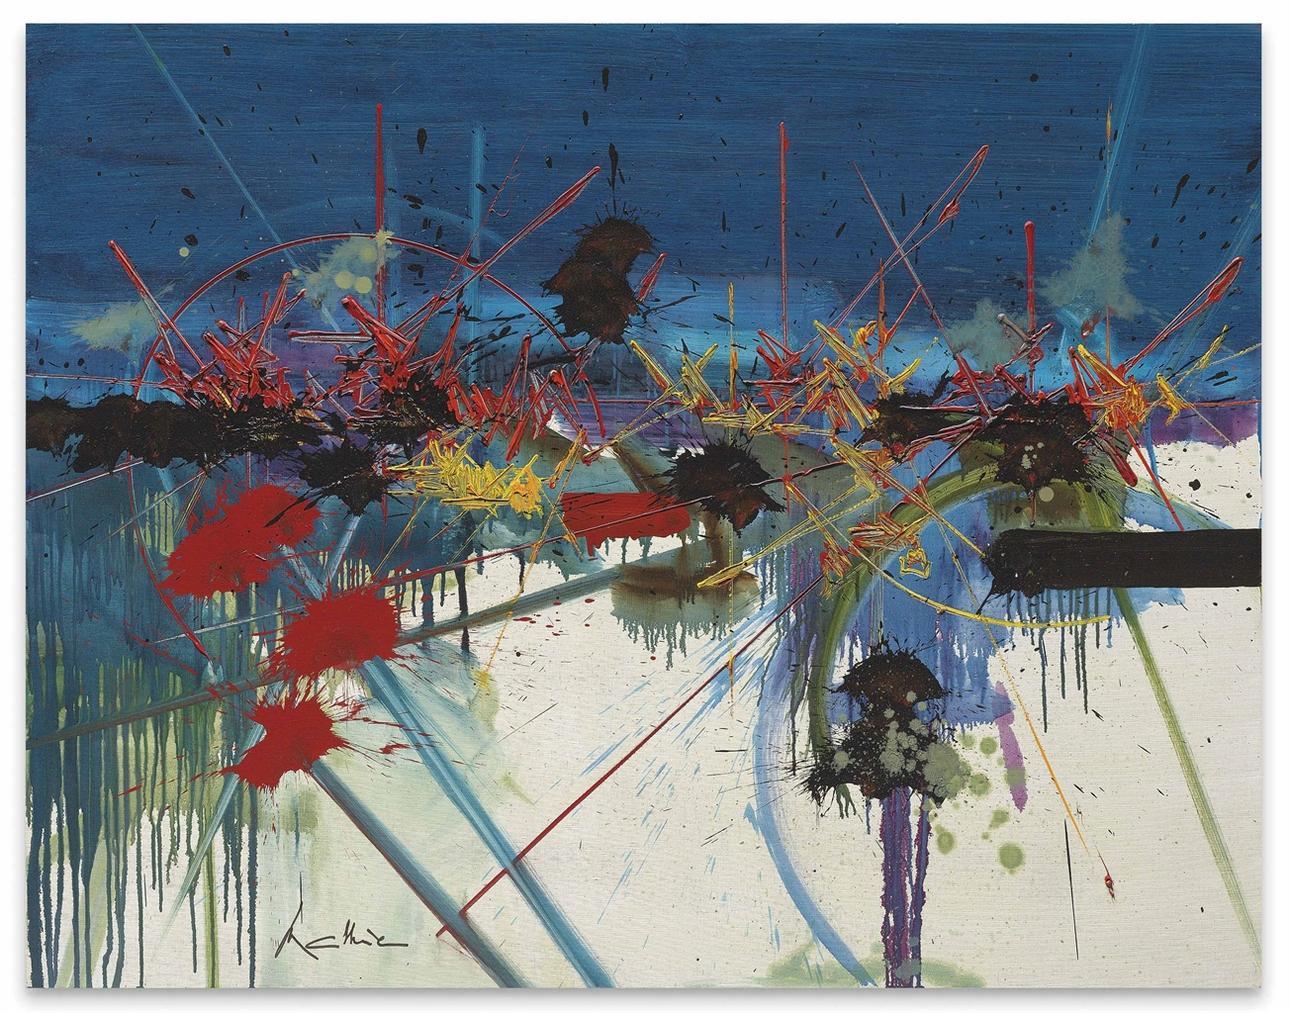 Georges Mathieu-La Clarte Premiere (The First Light)-1990